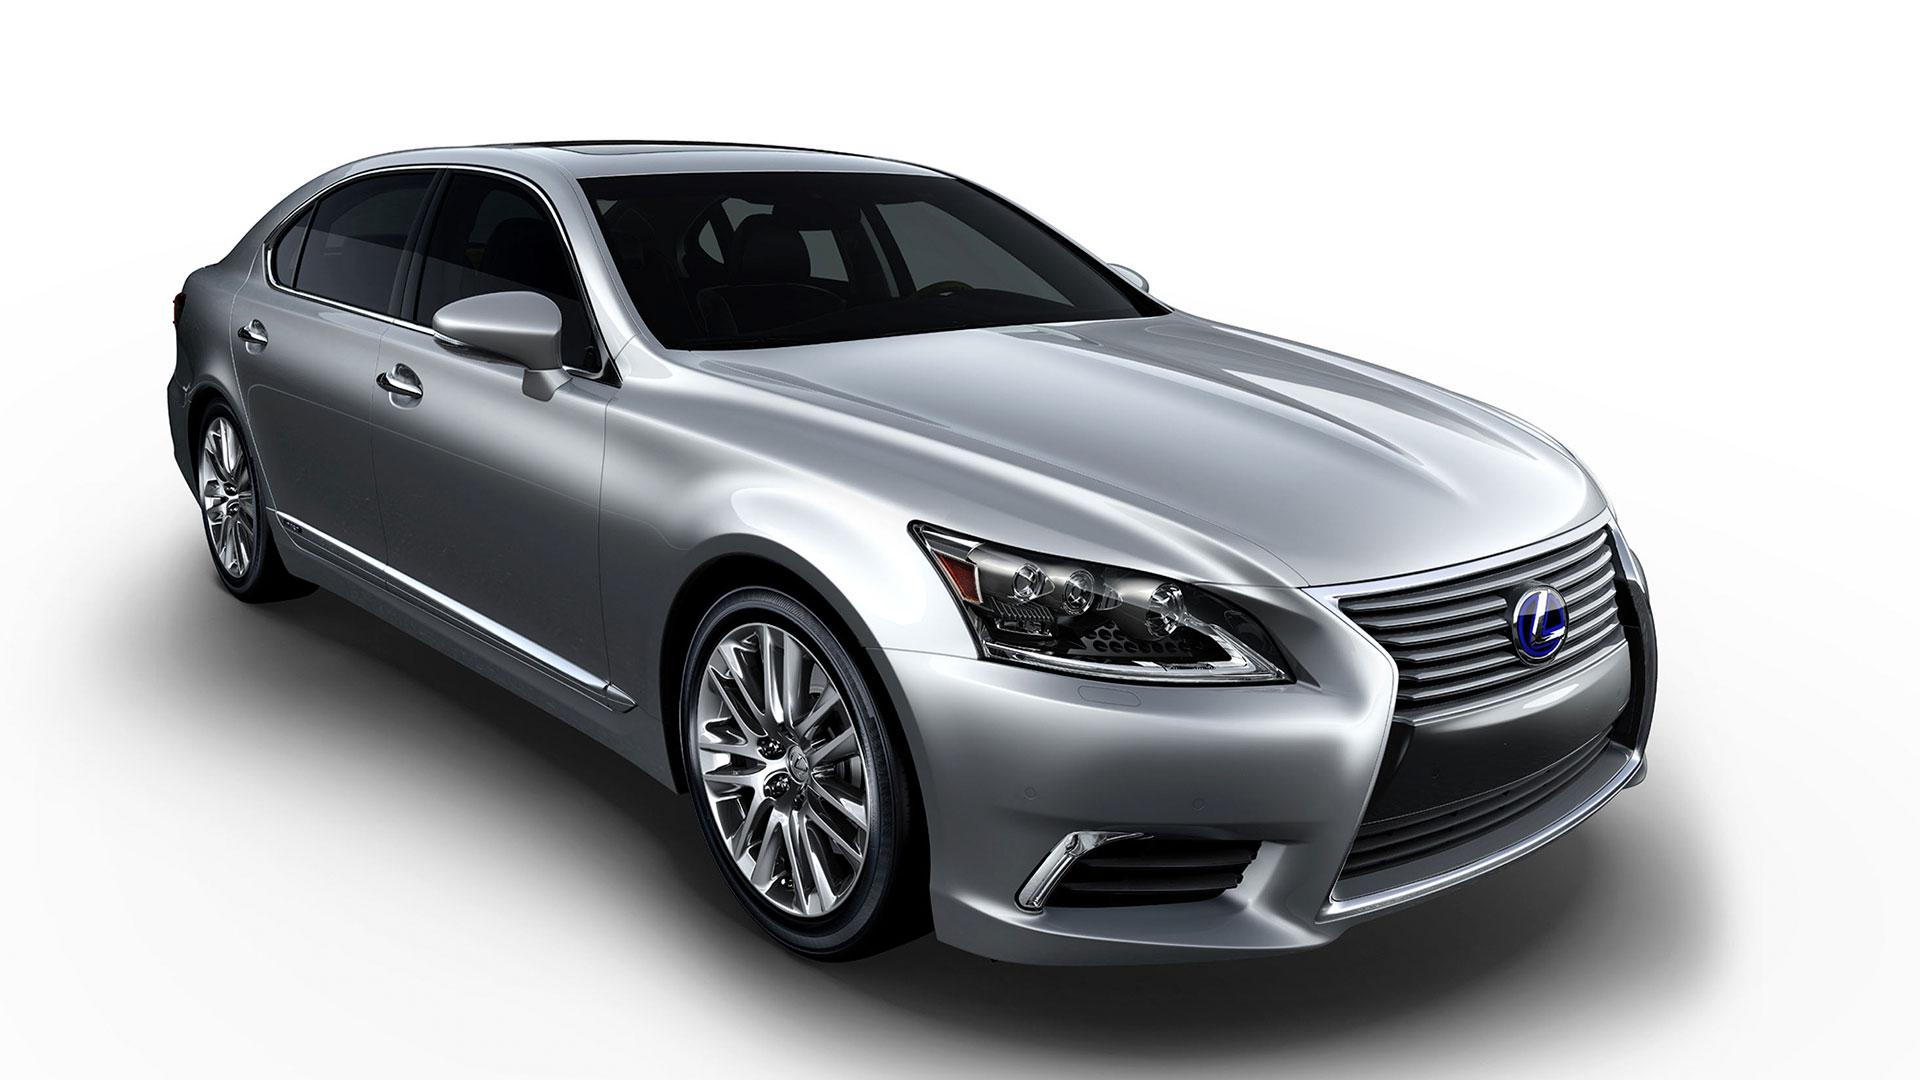 Nuevo Lexus LS 600h hero asset